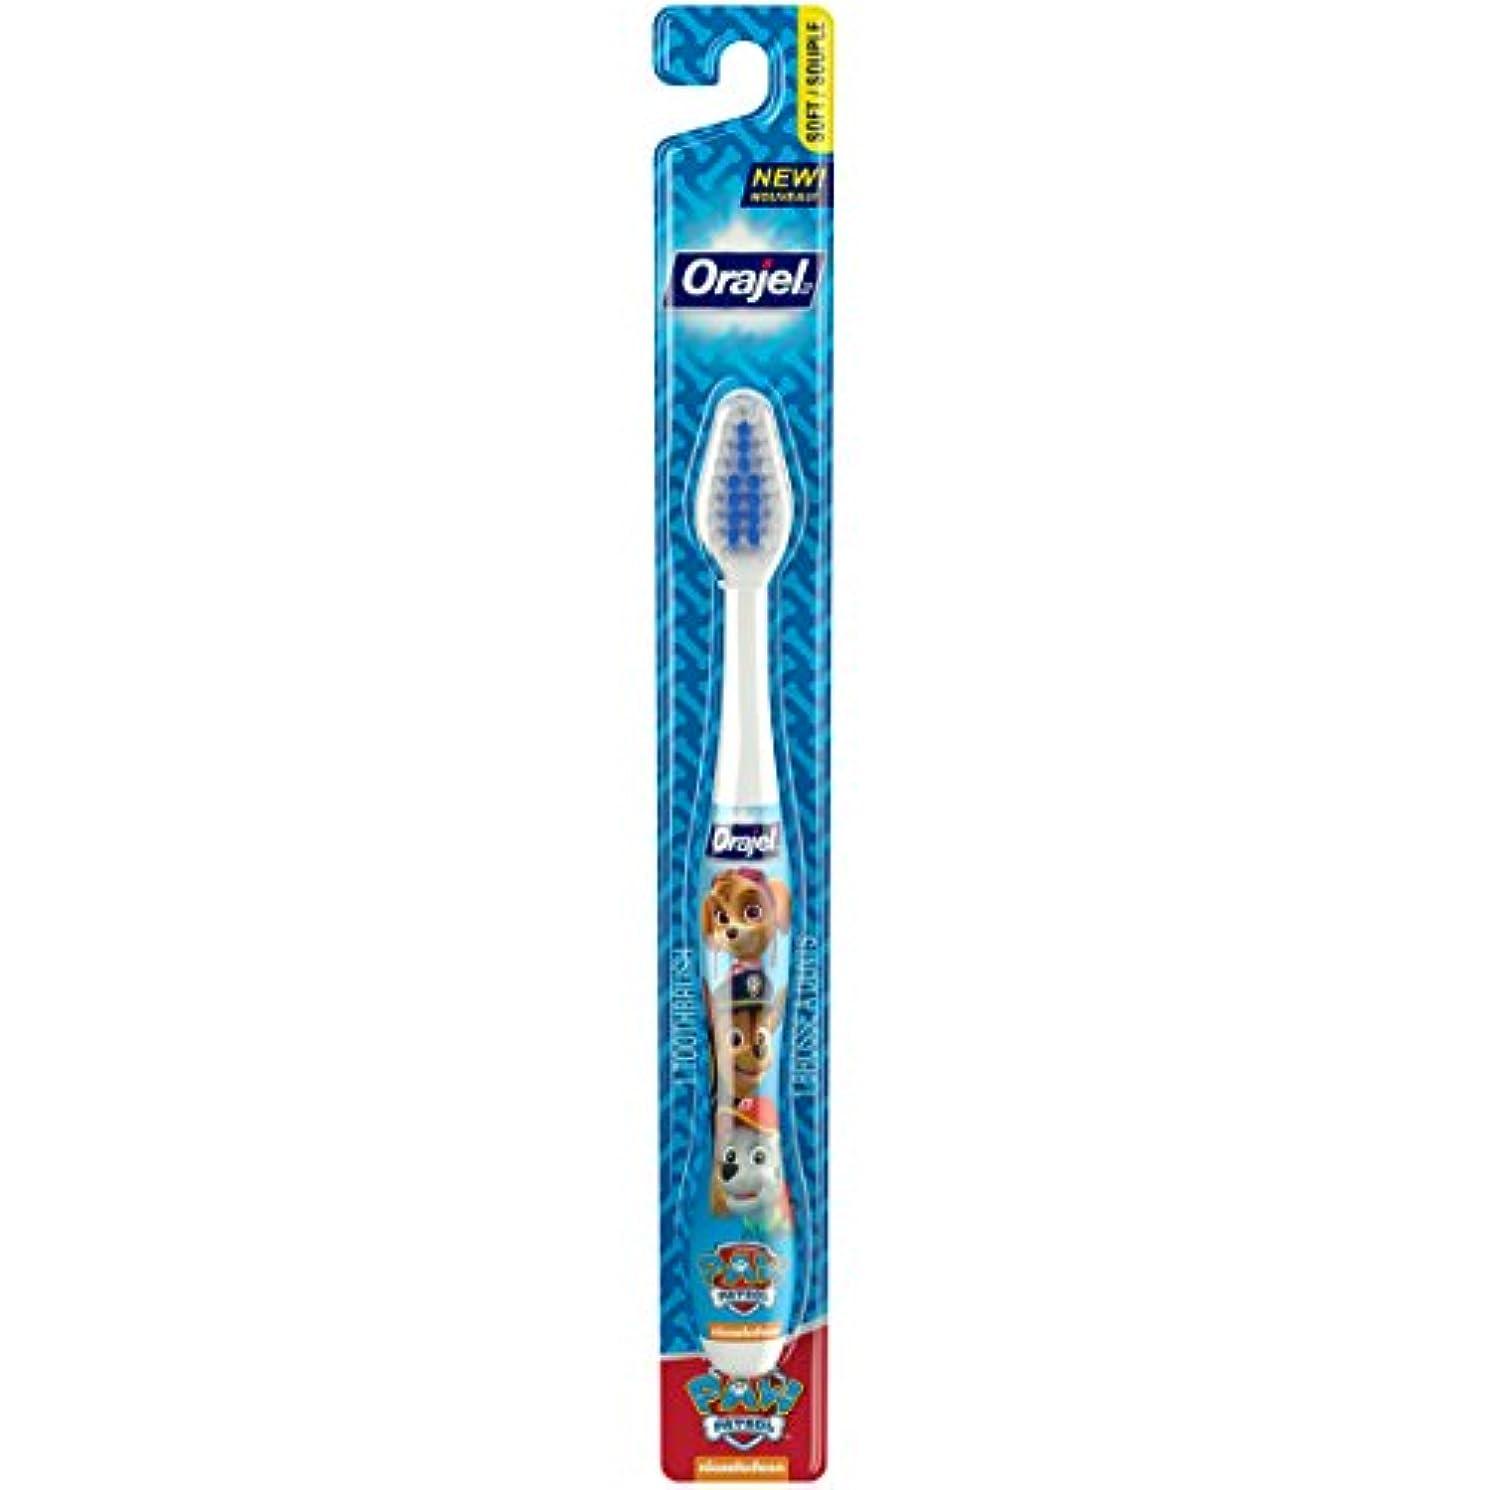 相続人賛辞明日Orajel ポウパトロール幼児の歯ブラシ